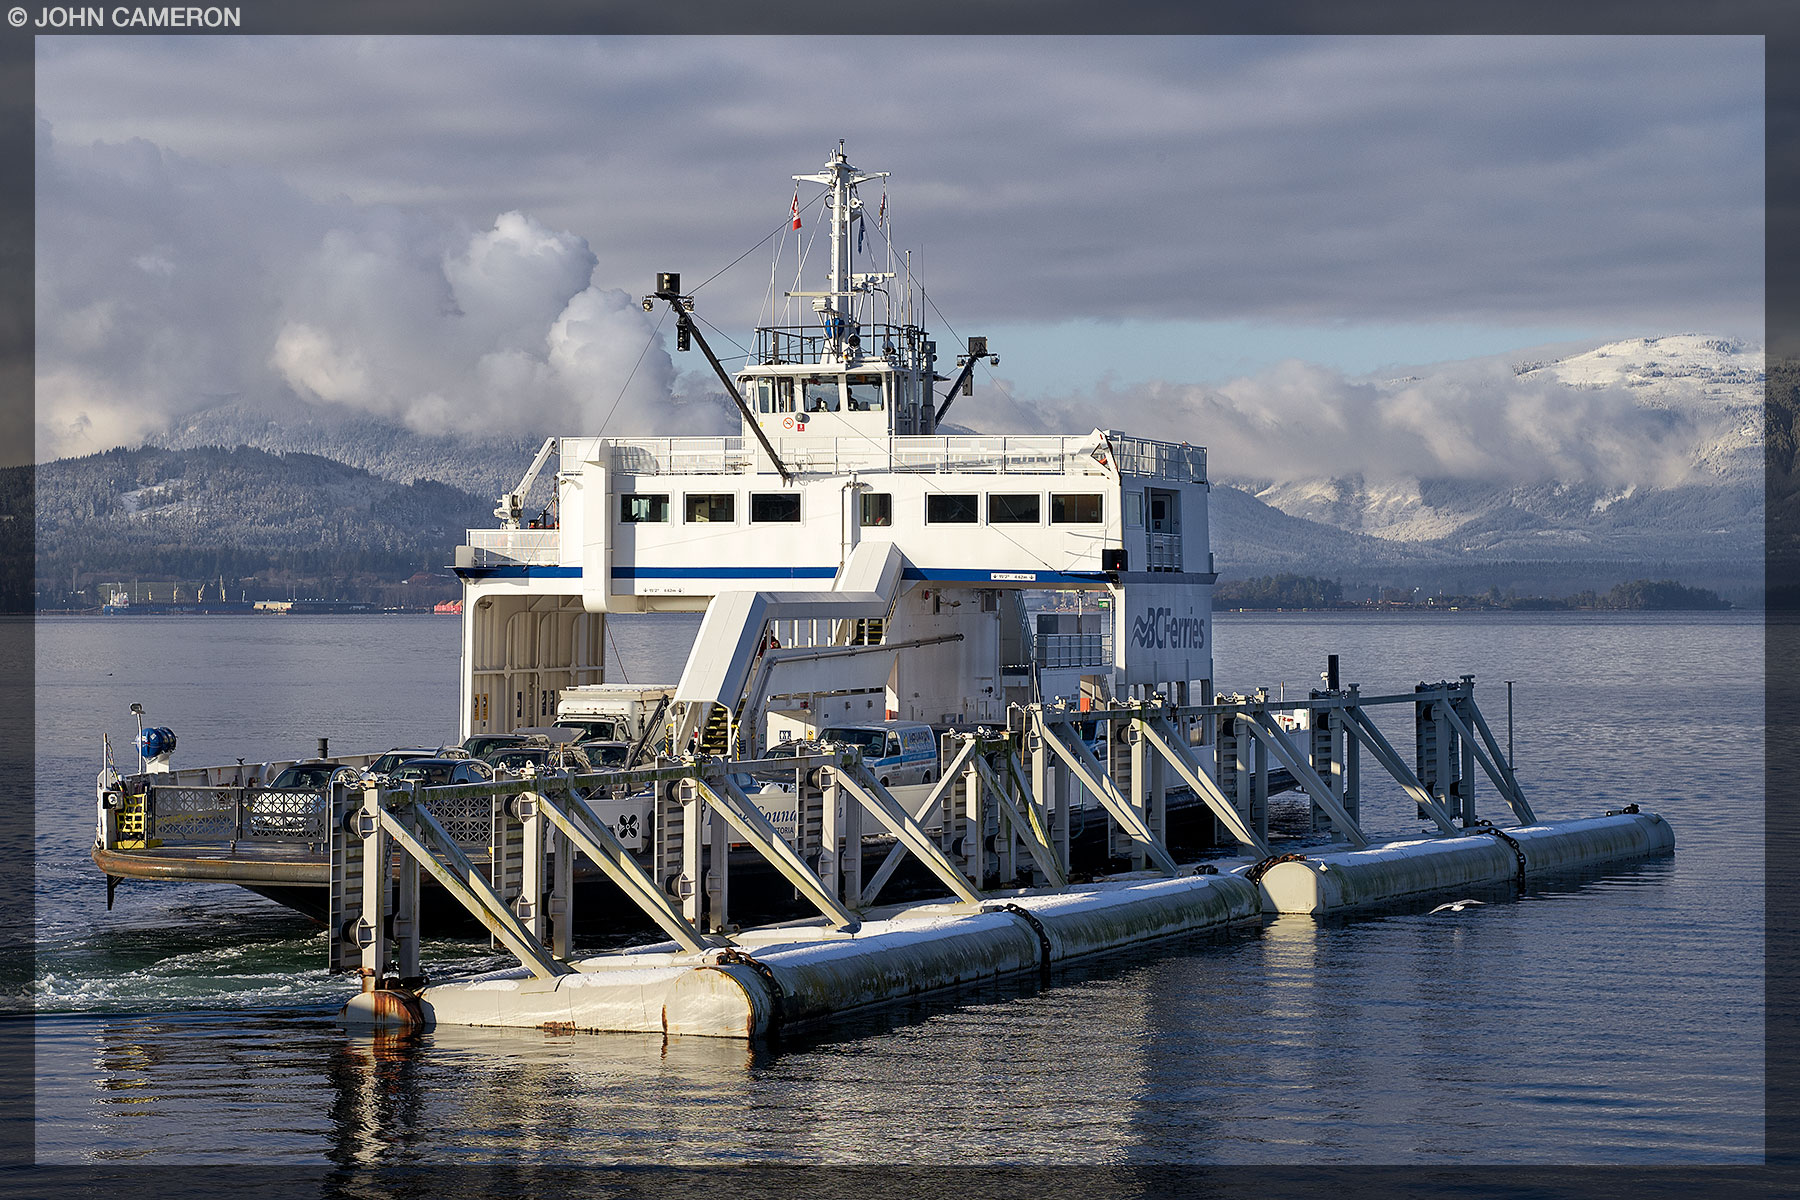 Howe Sound Queen approaching Vesuvius Dock